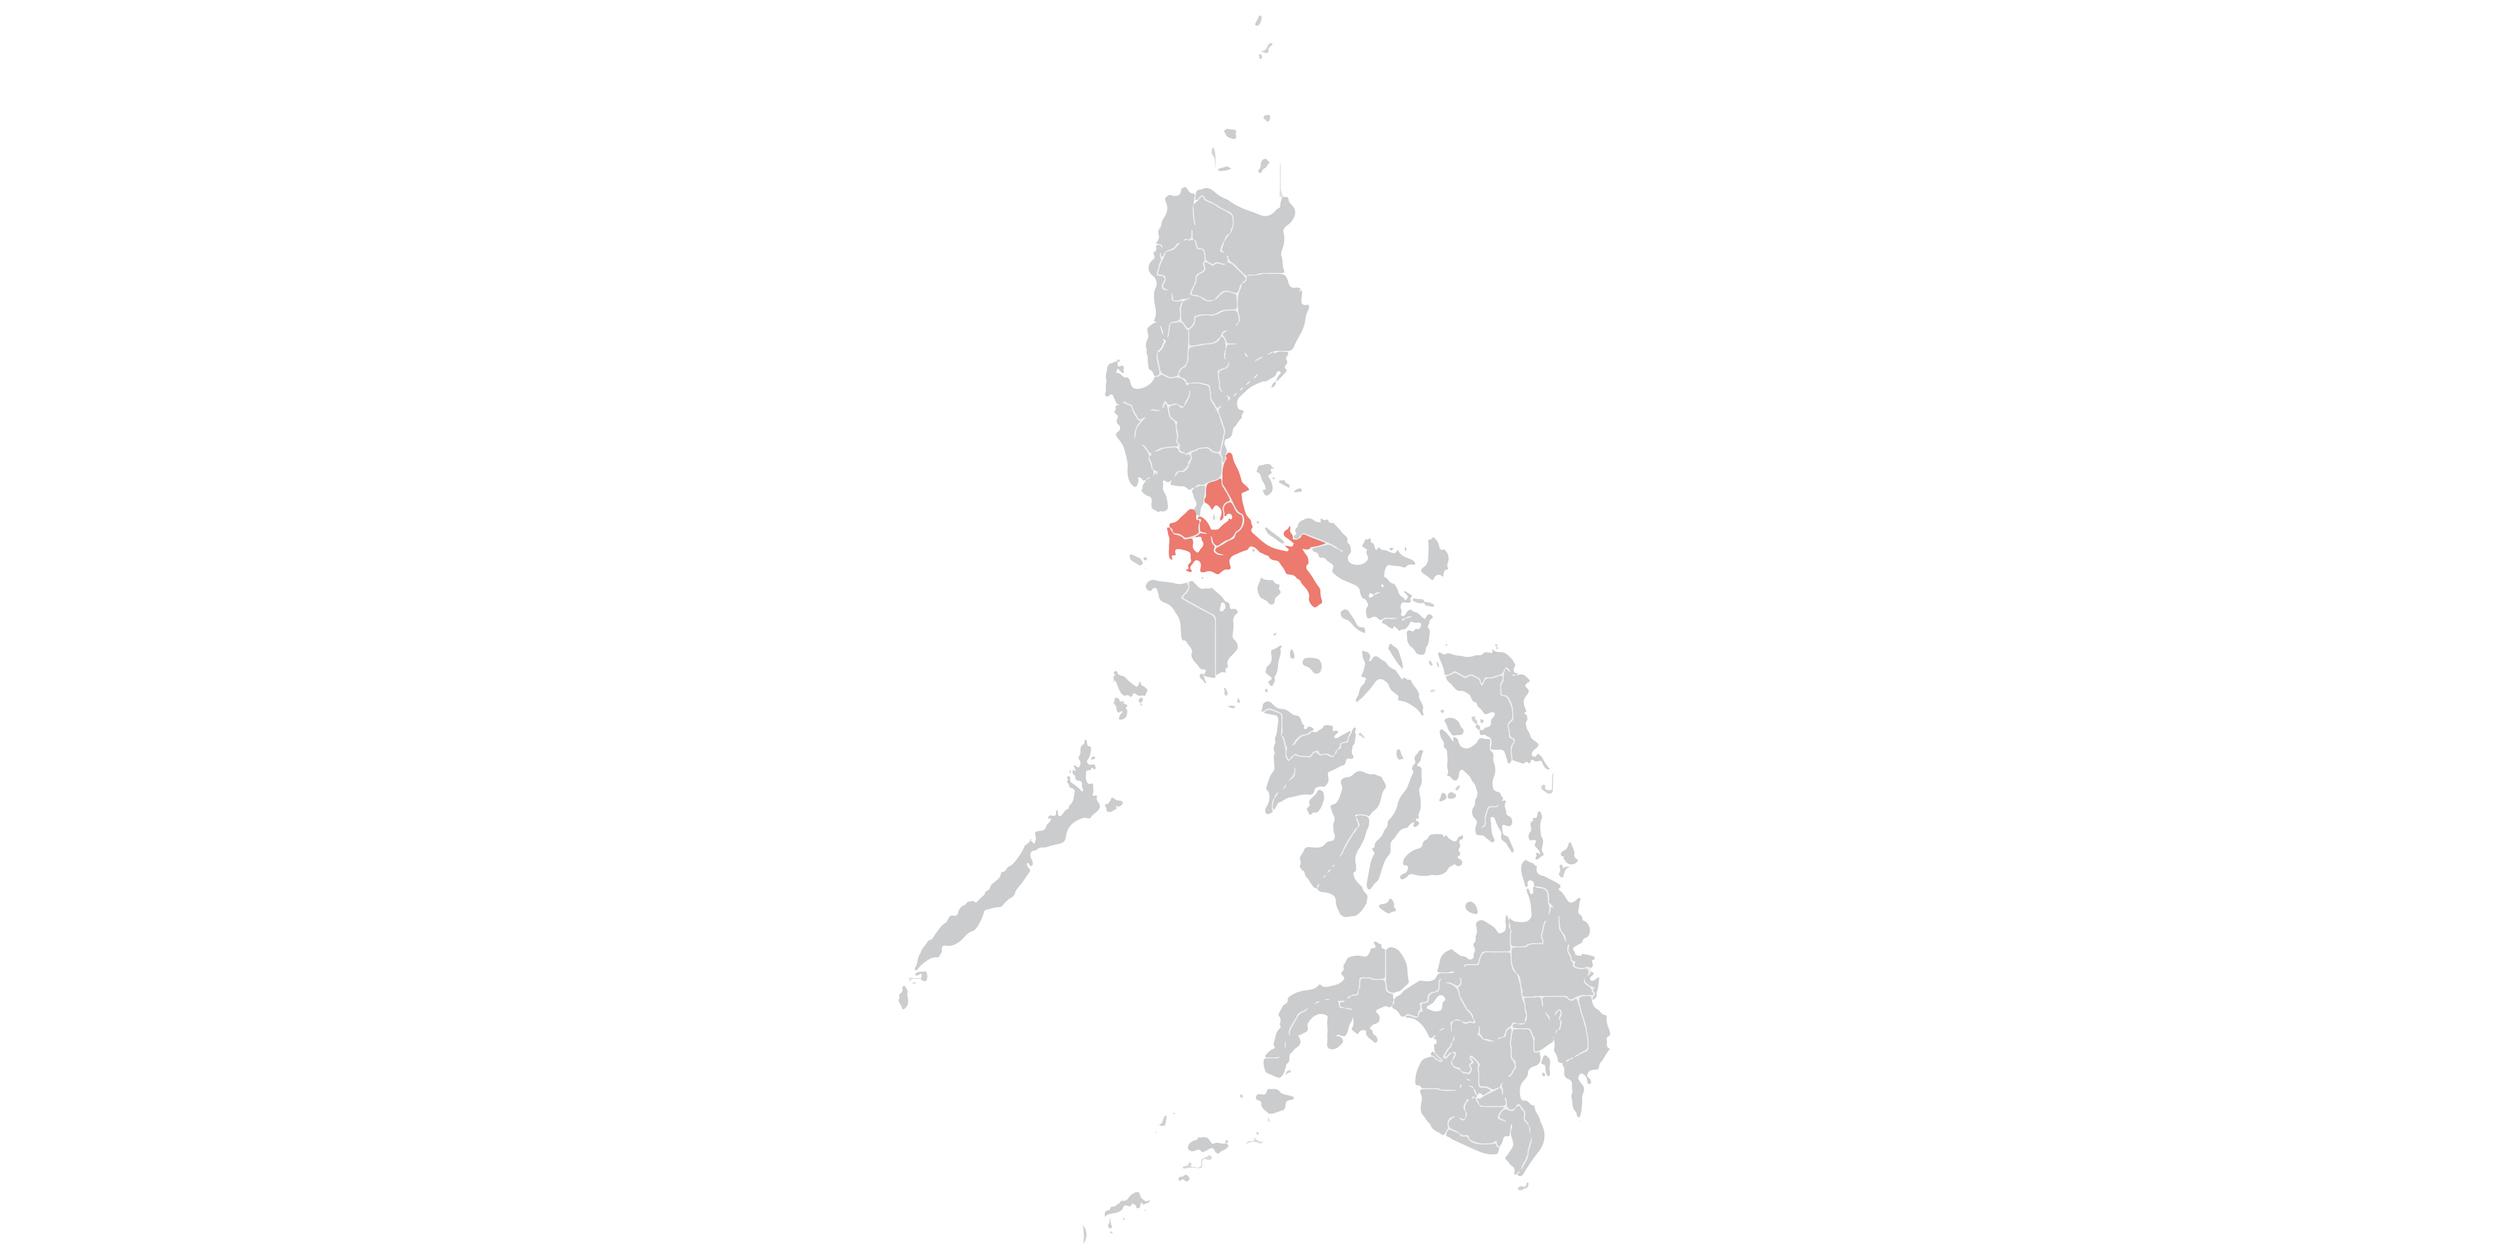 Calabarzon Region, Philippines